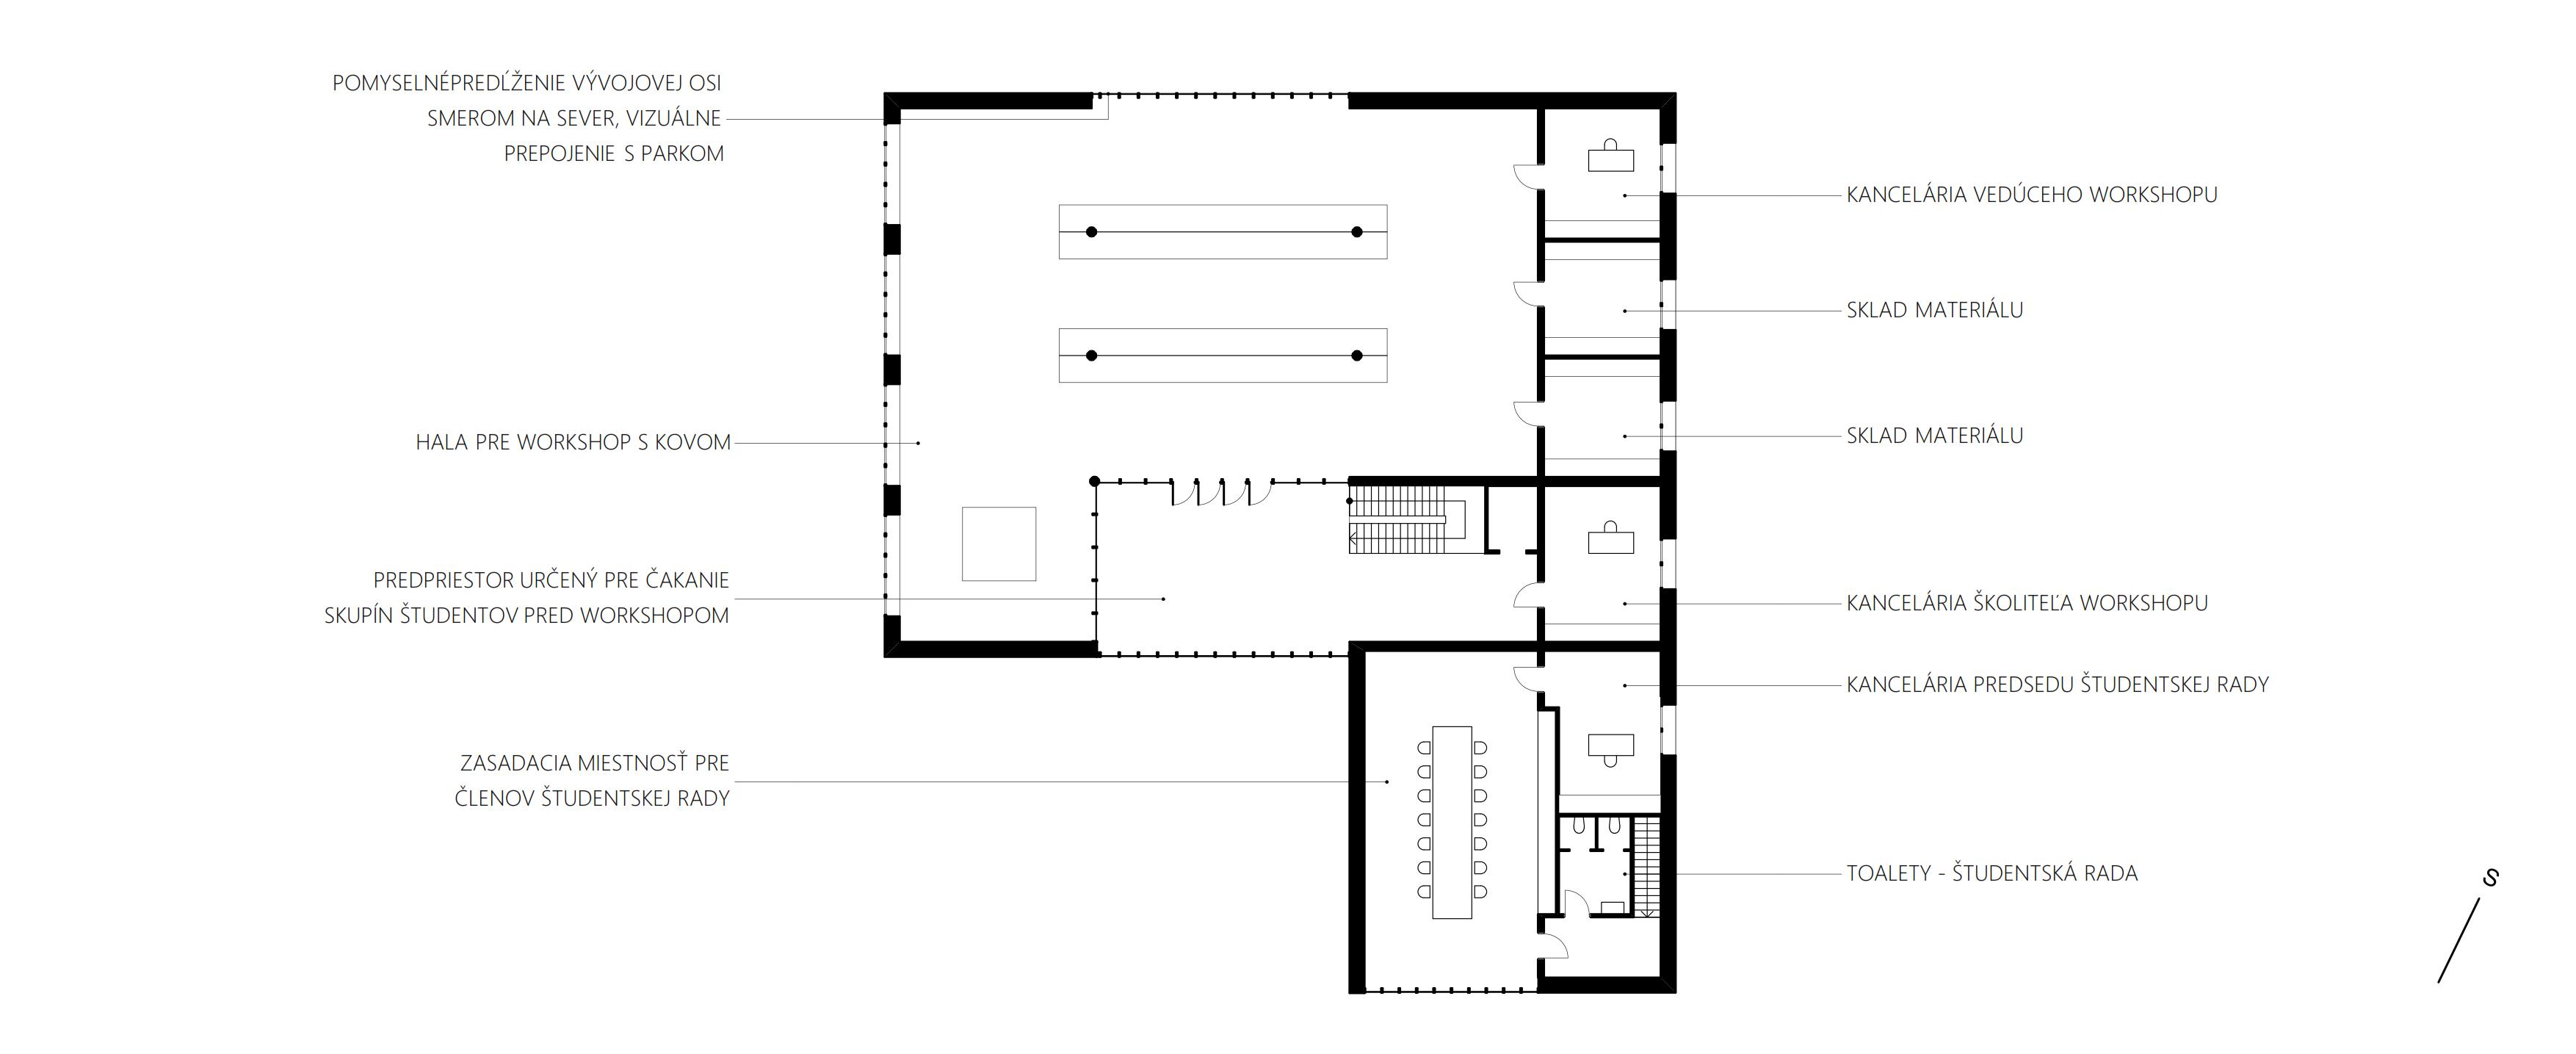 8f37152ba Campus Bauhaus Universitat, Weimar - diplomová práca | Archinfo.sk